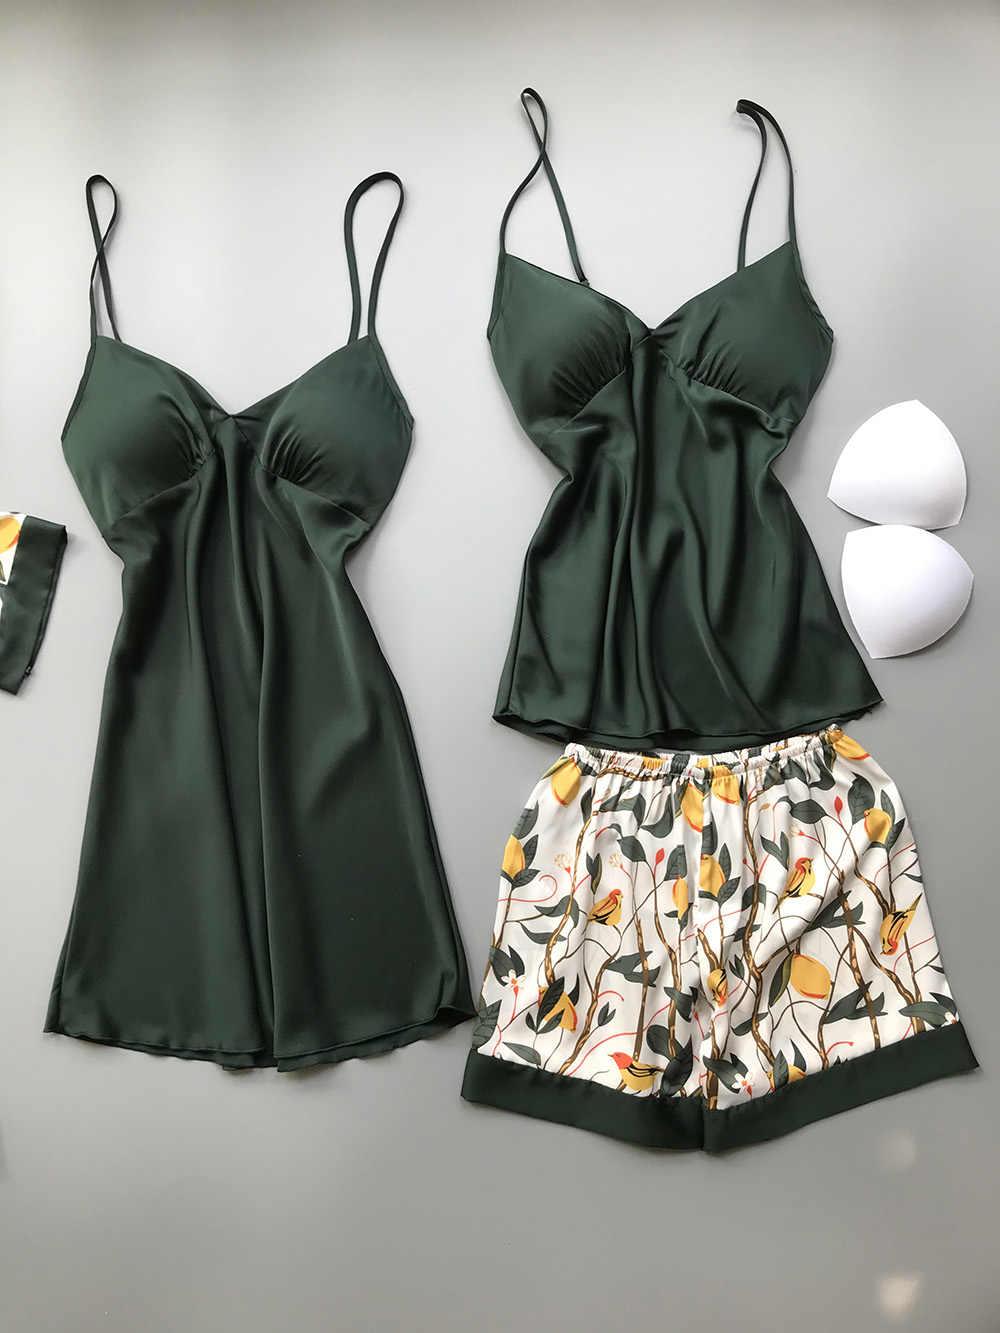 2020 İlkbahar sonbahar kadın ipek Pijama setleri göğüs yastıkları ile çiçek baskı Pijama Pijama 4 adet spagetti kayışı saten Pijama